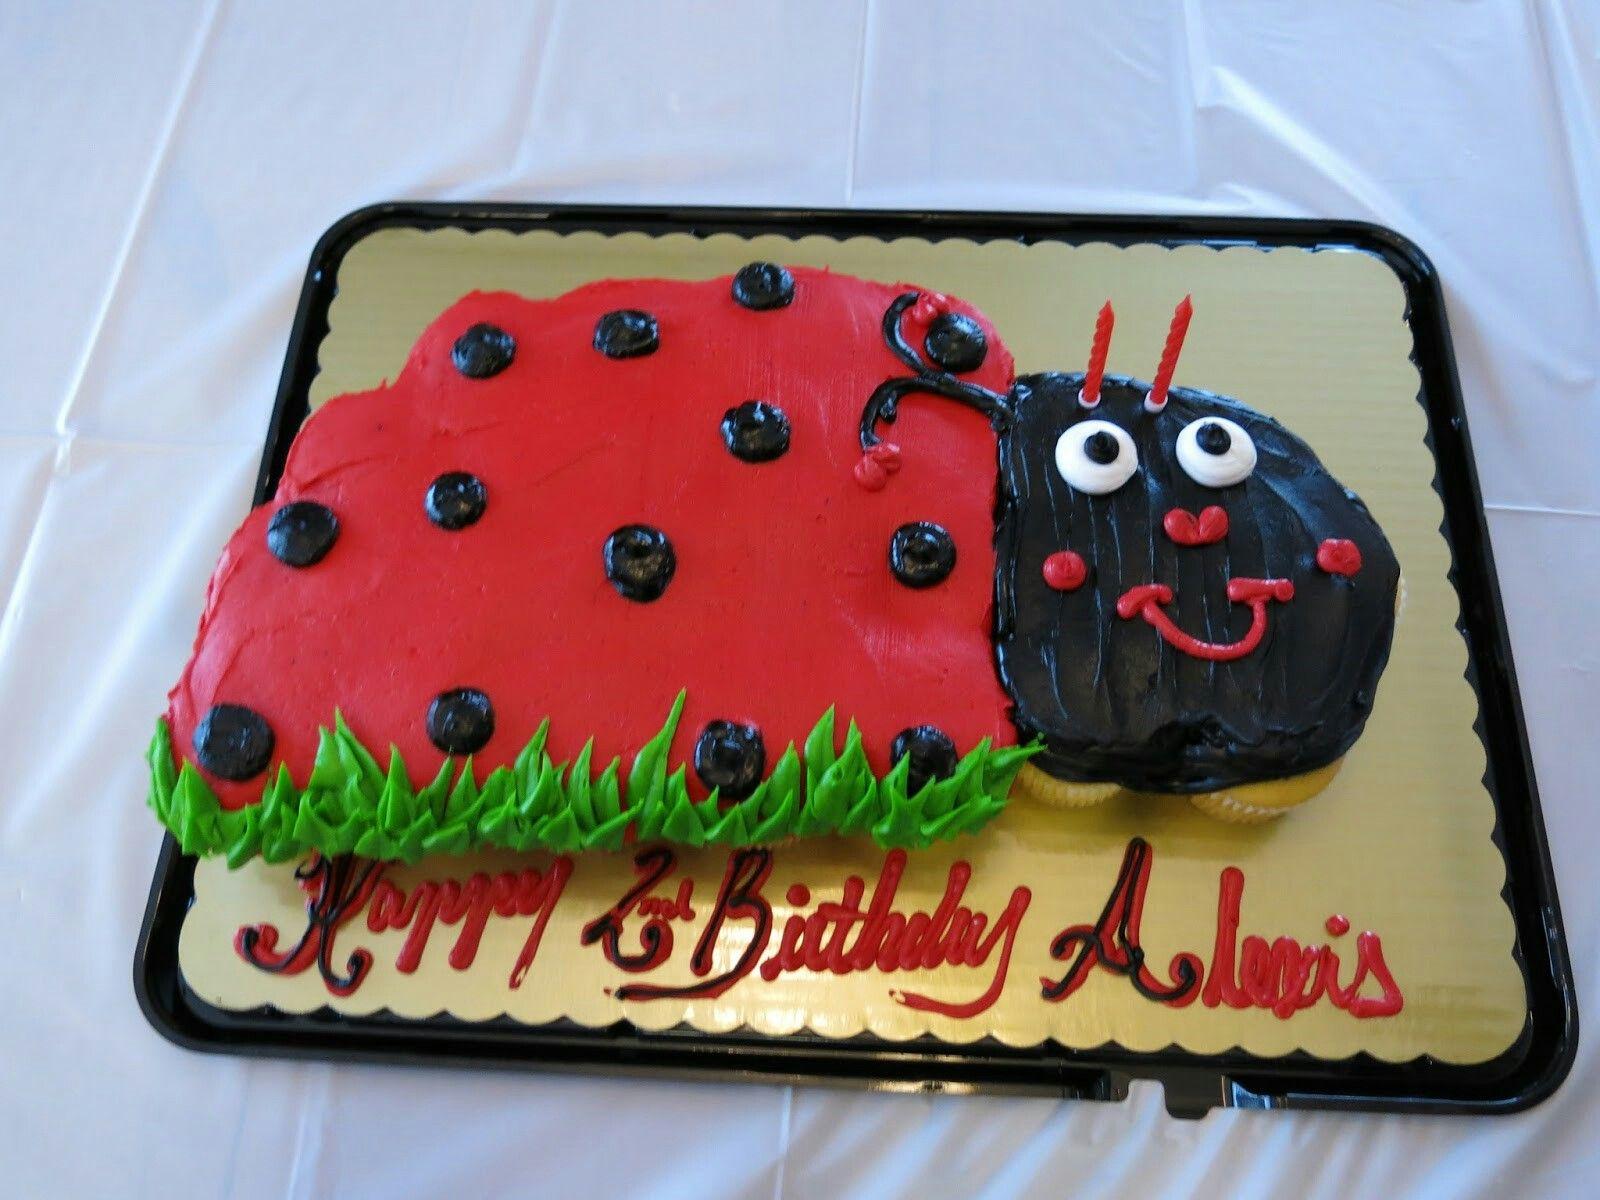 Ladybug birthday cupcake cake from Kroger Ladybug